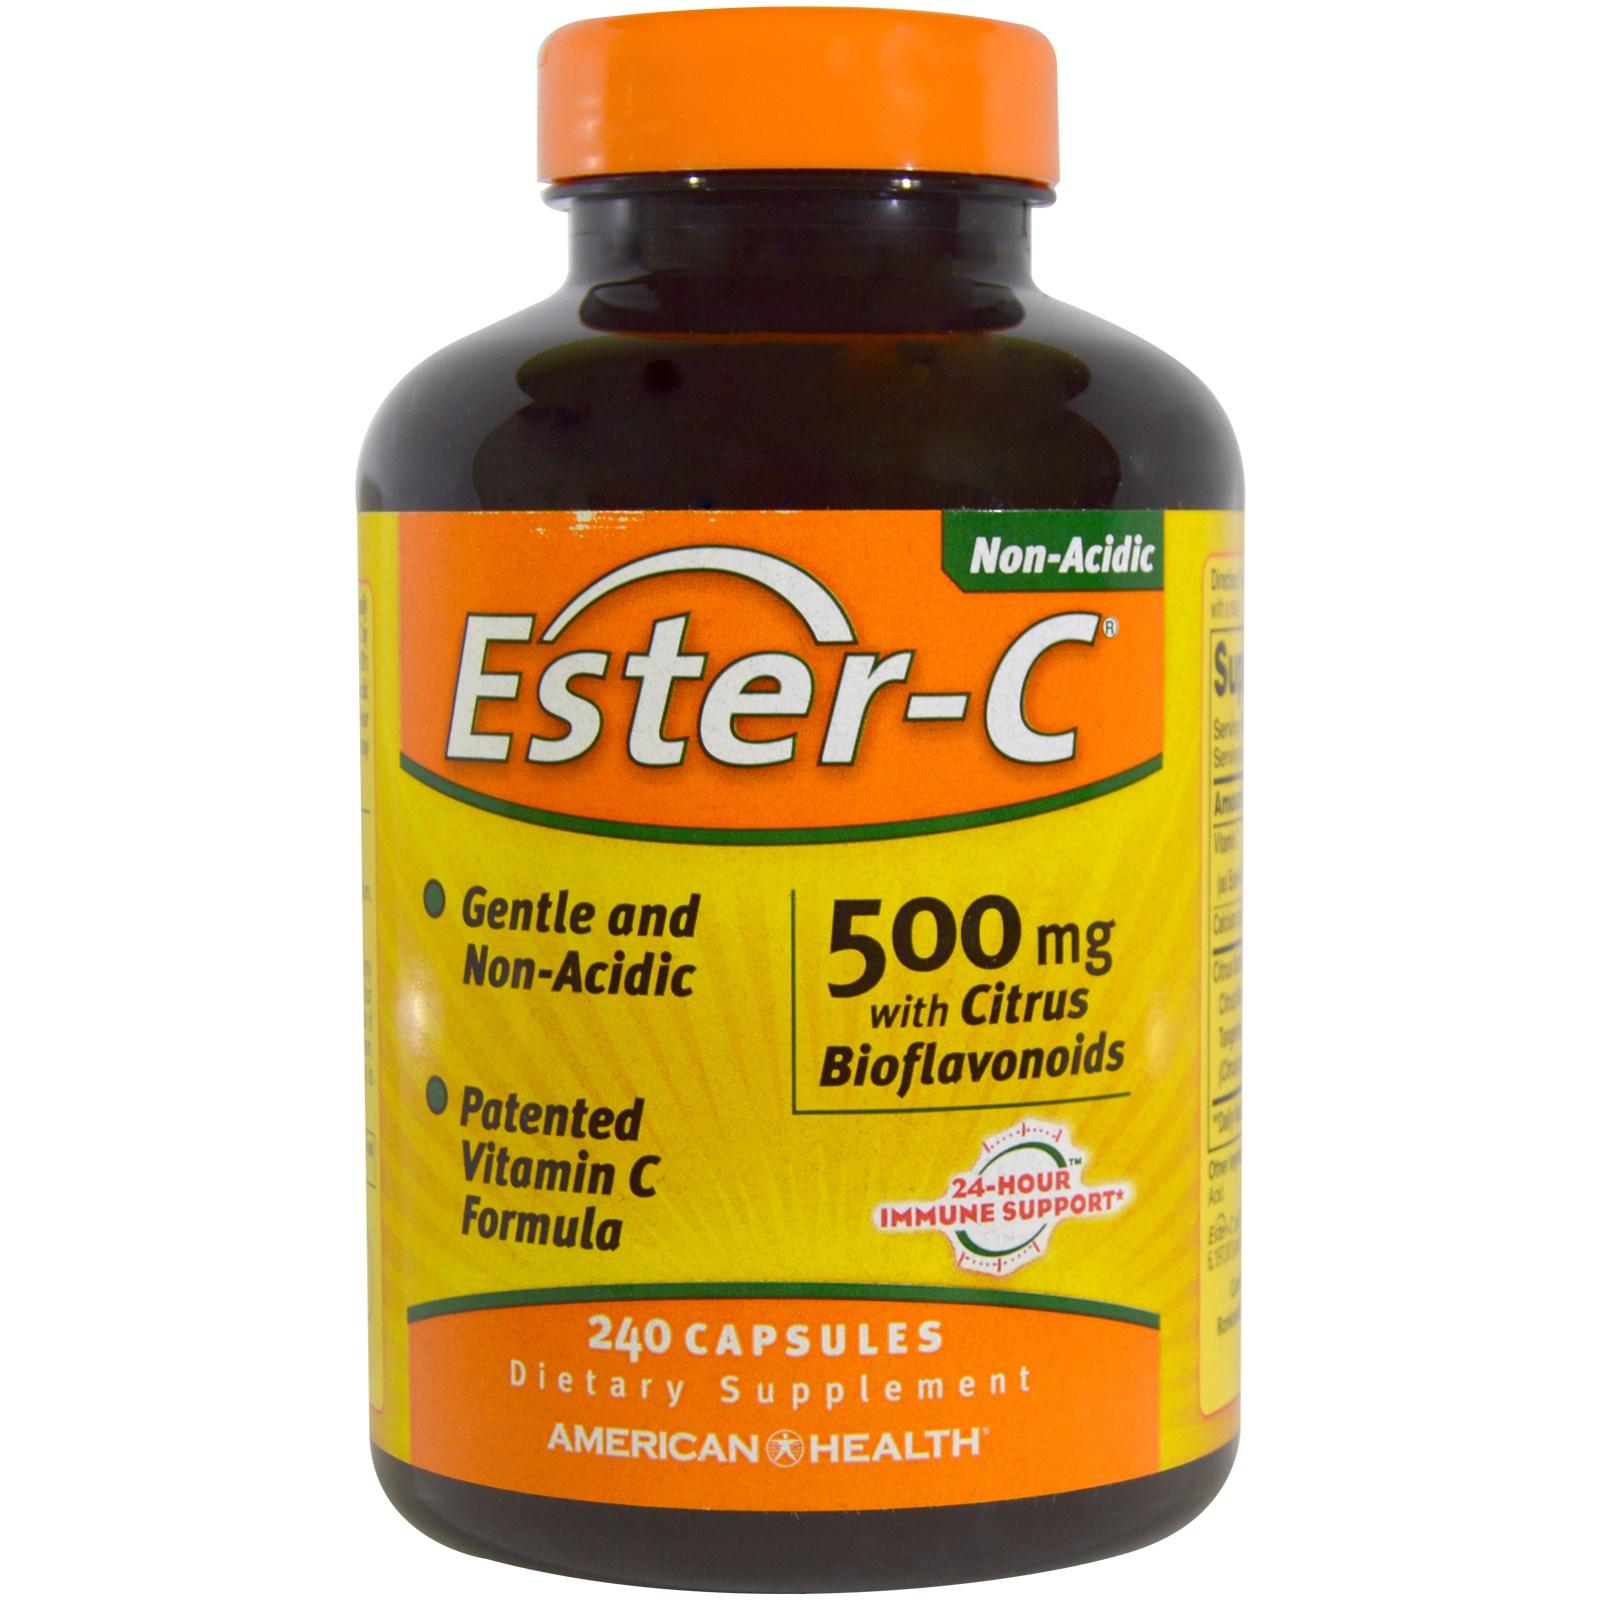 American Health, Ester-C, 500 mg with Citrus Bioflavonoids, 240 Capsules